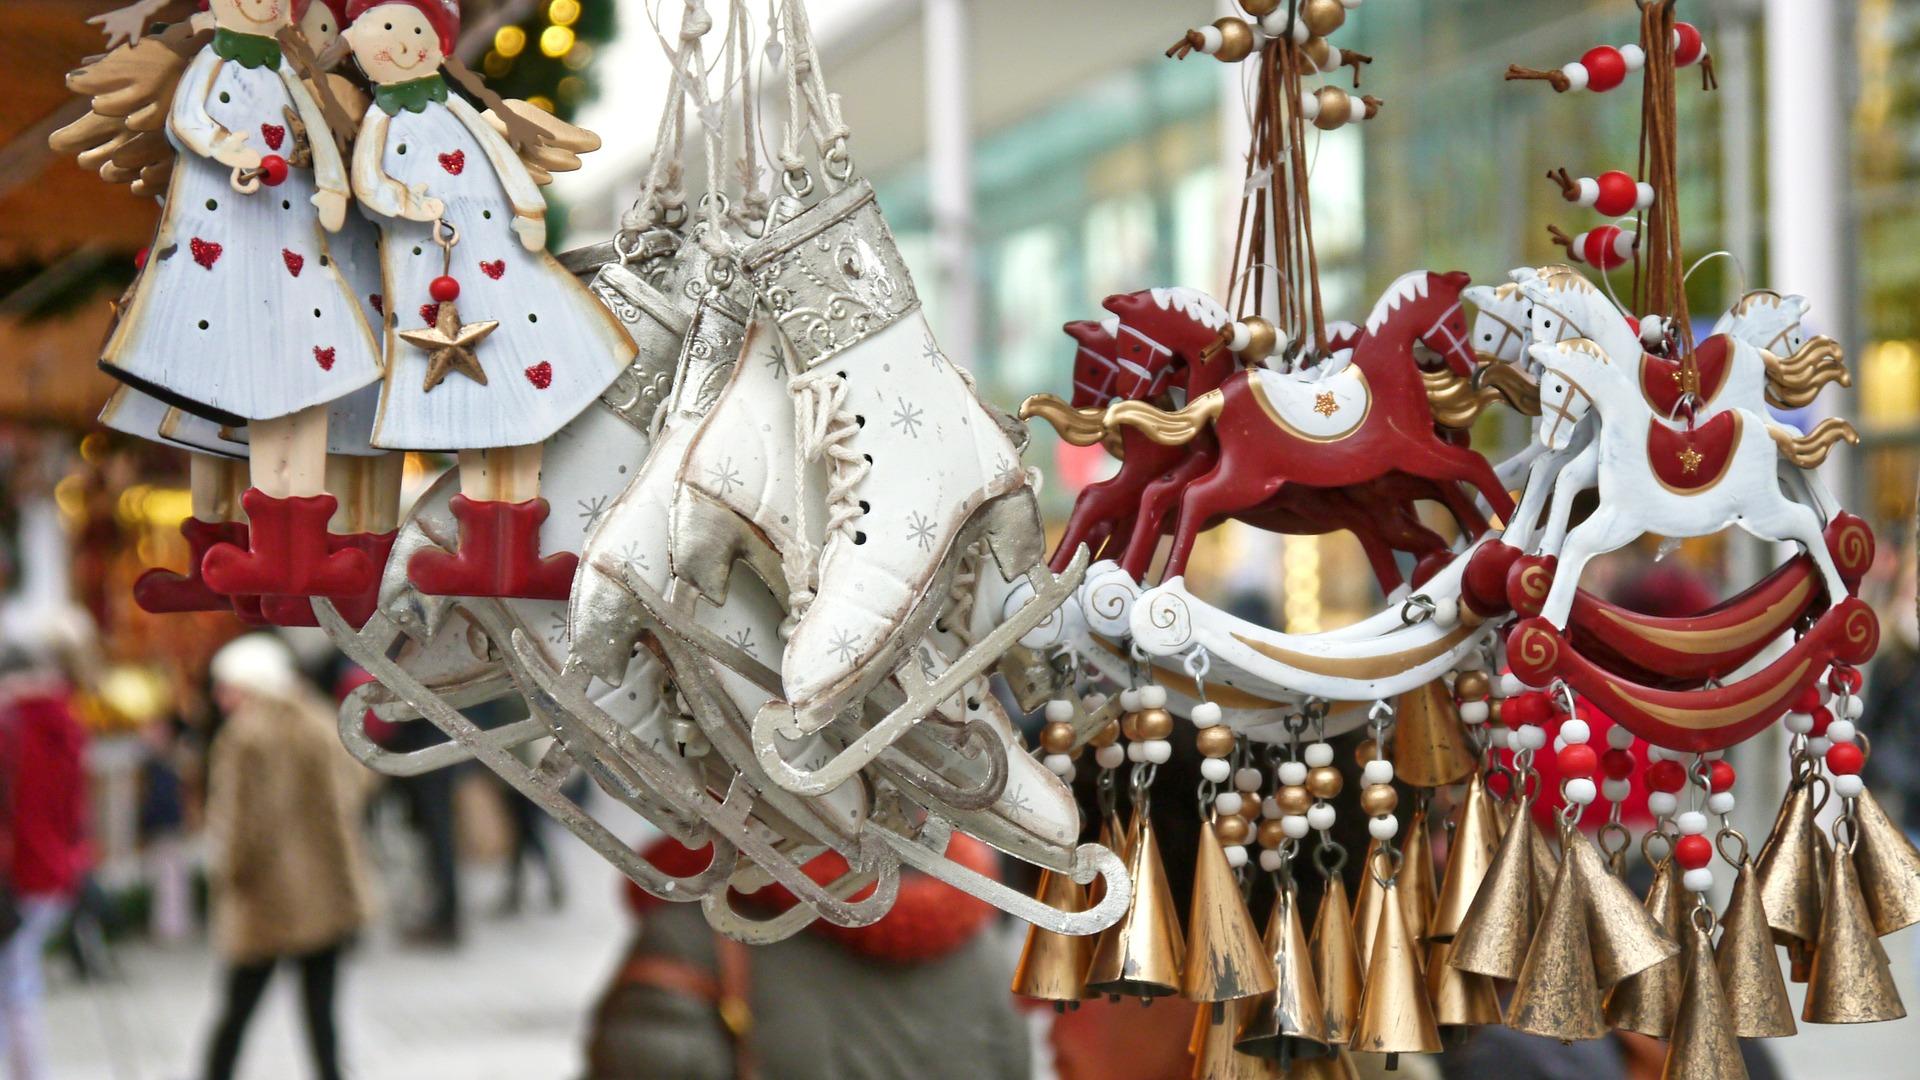 Weihnachtsmarkt Deko